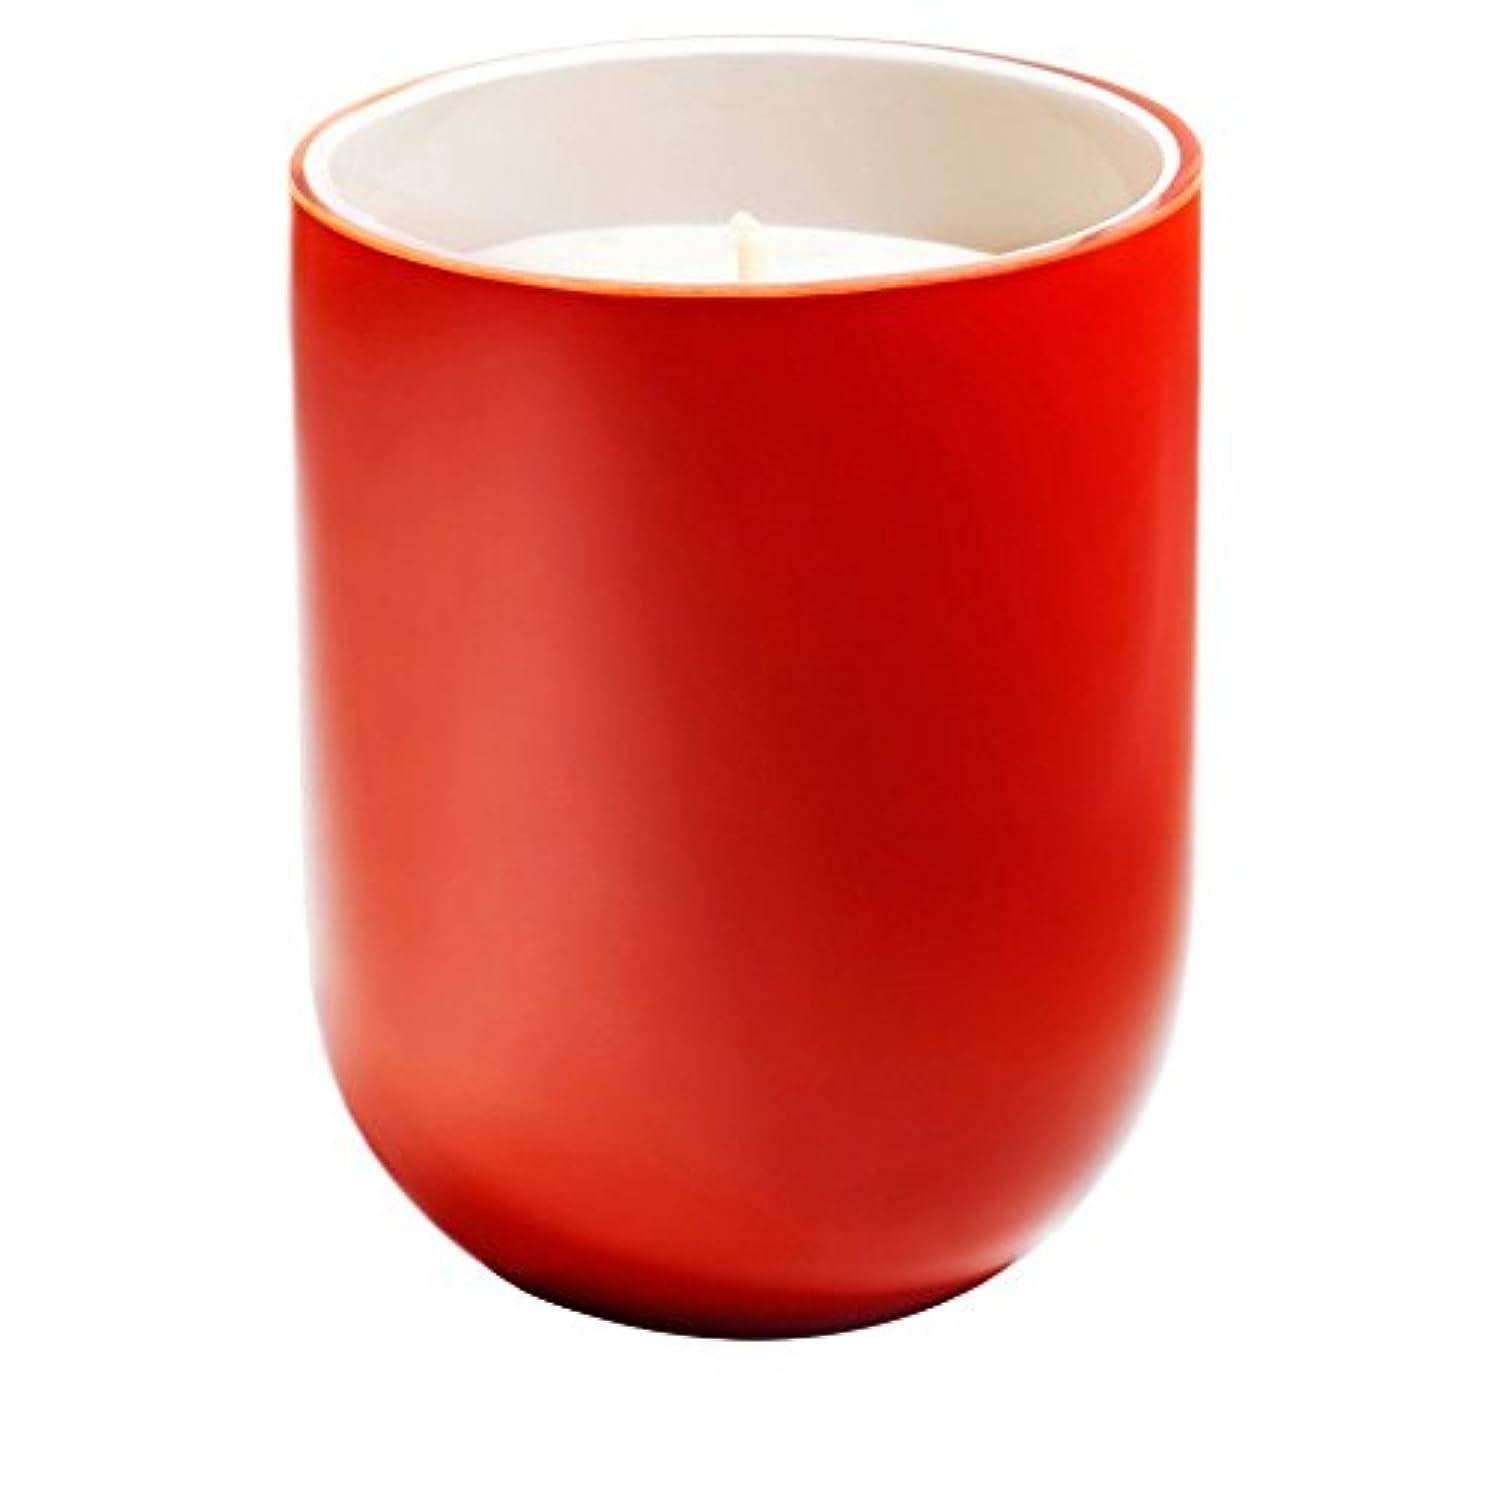 外交官元に戻す阻害するフレデリック?マルロシアの夜香りのキャンドル x6 - Frederic Malle Russian Night Scented Candle (Pack of 6) [並行輸入品]